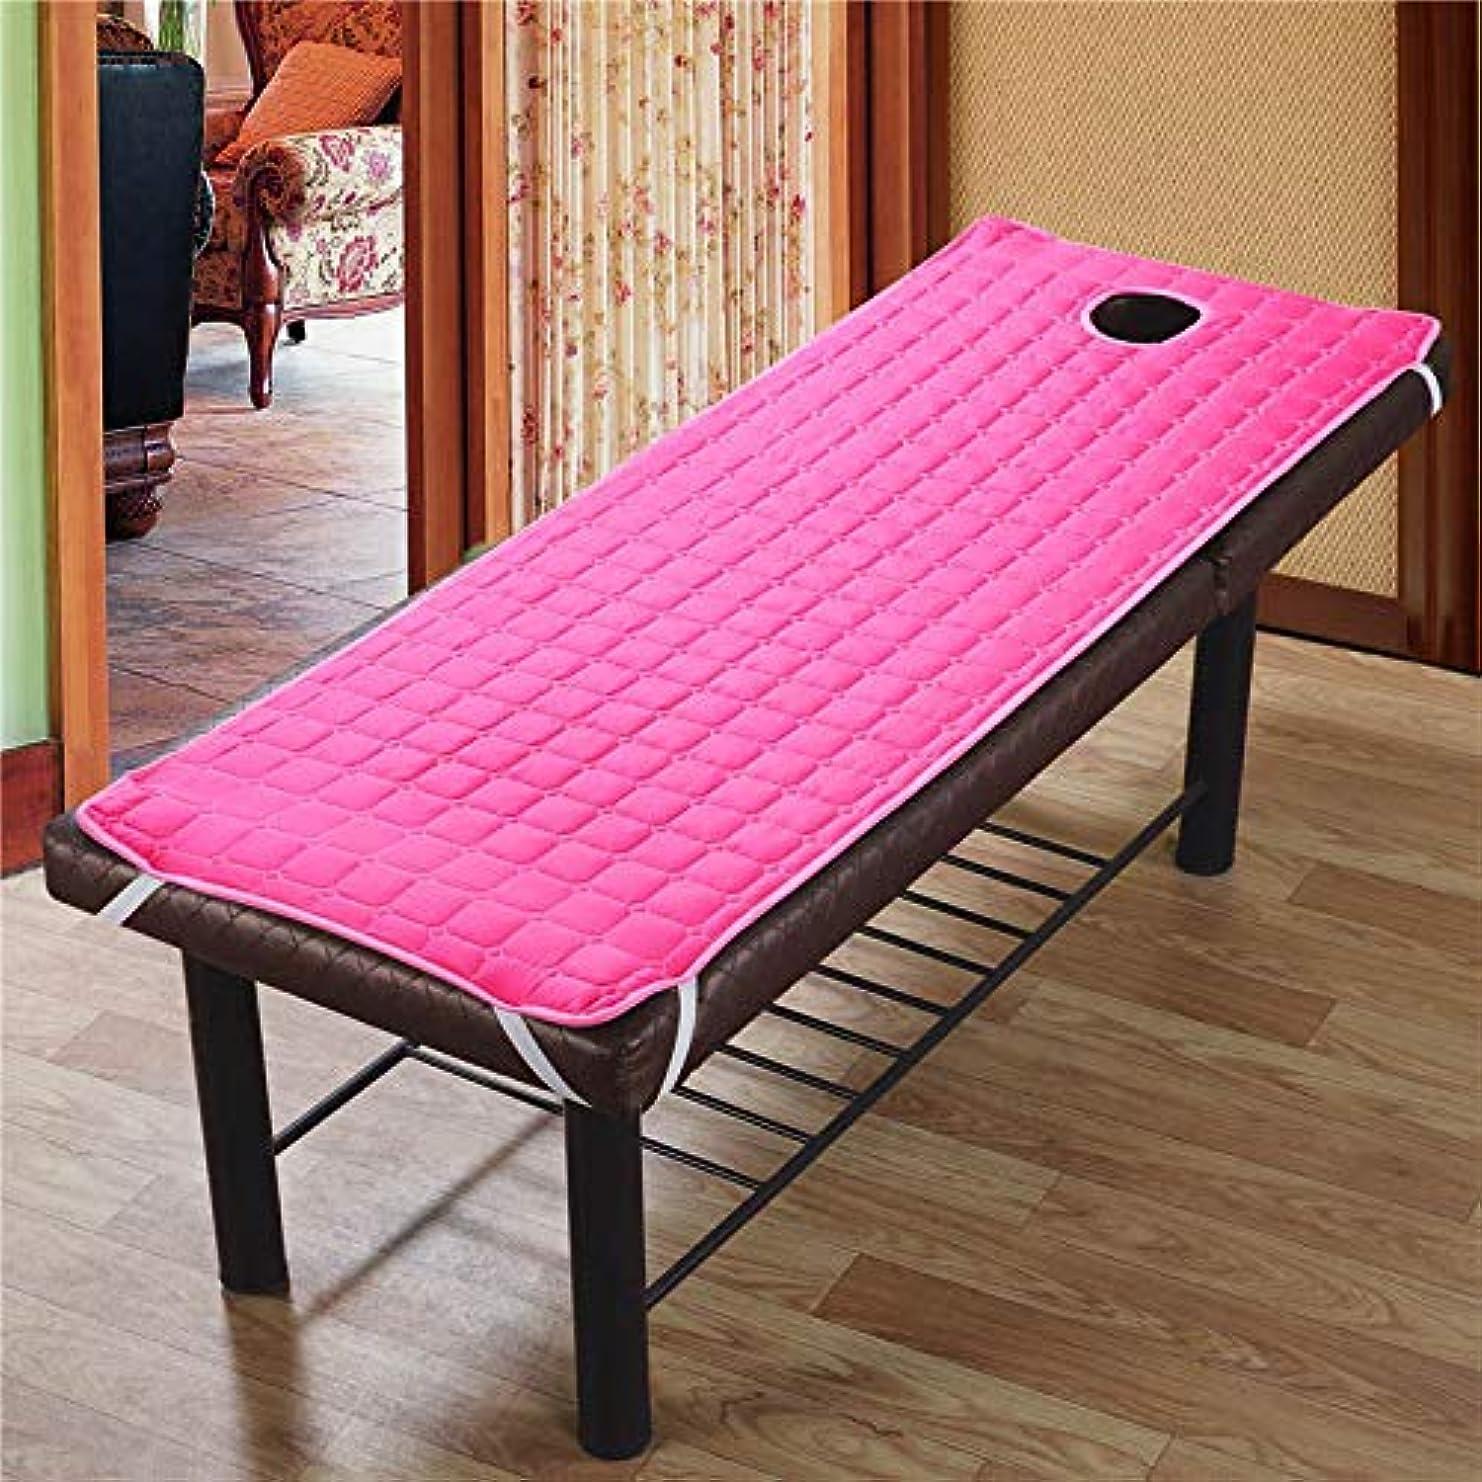 重さ湿ったによってJanusSaja 美容院のマッサージ療法のベッドのための滑り止めのSoliod色の長方形のマットレス